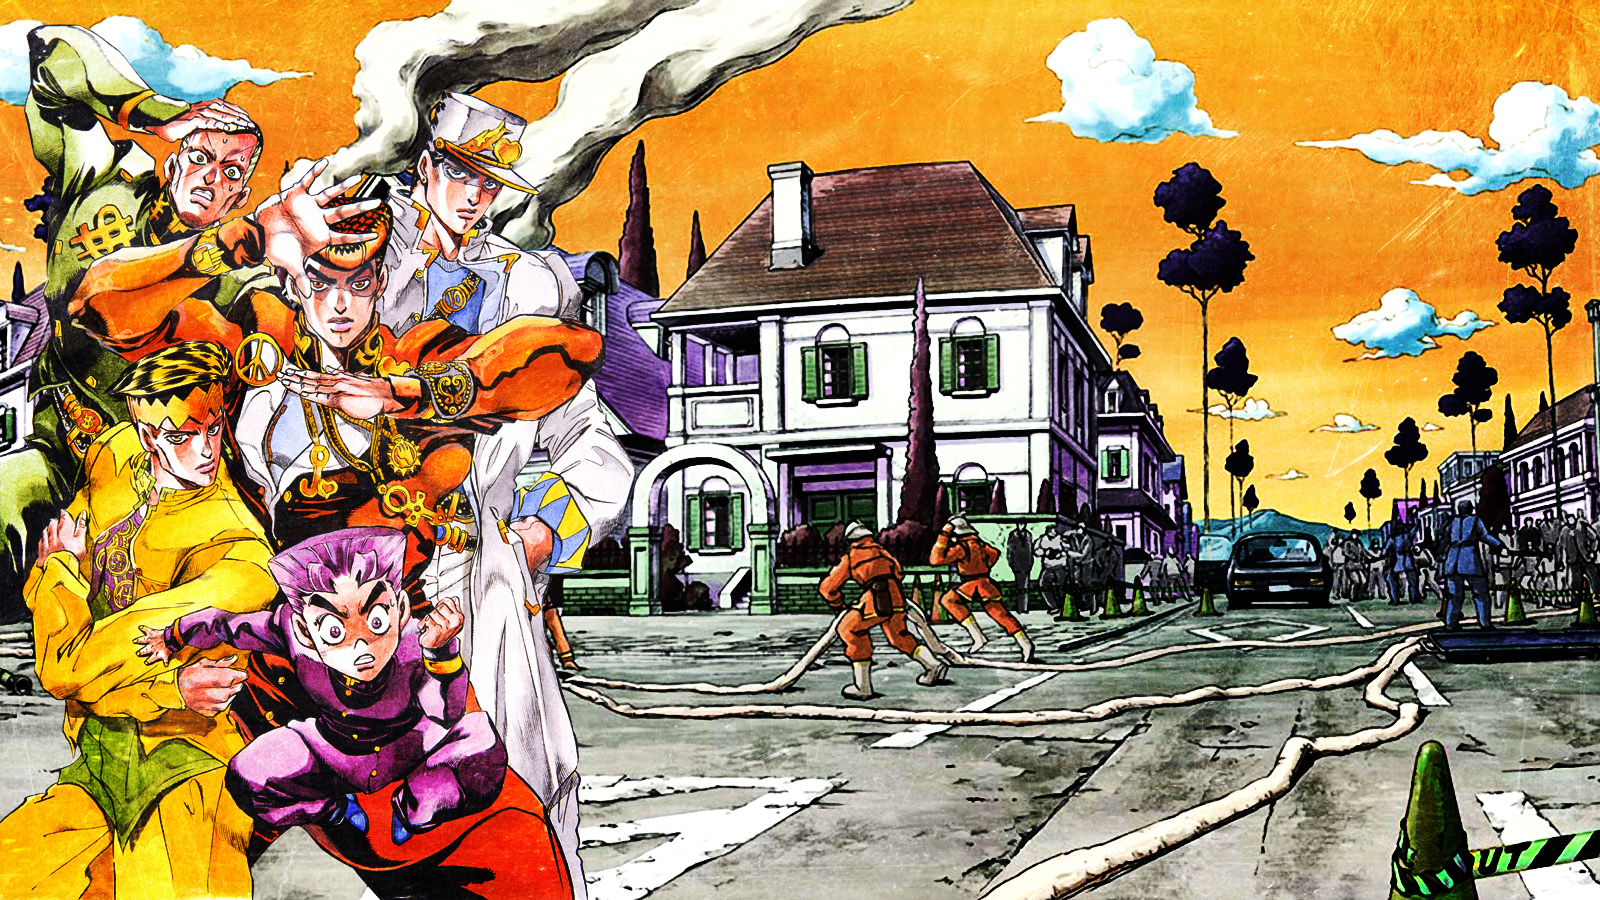 jojo s bizarre adventure wallpaper by franky4fingersx2 d7xw09mjpg 1600x900